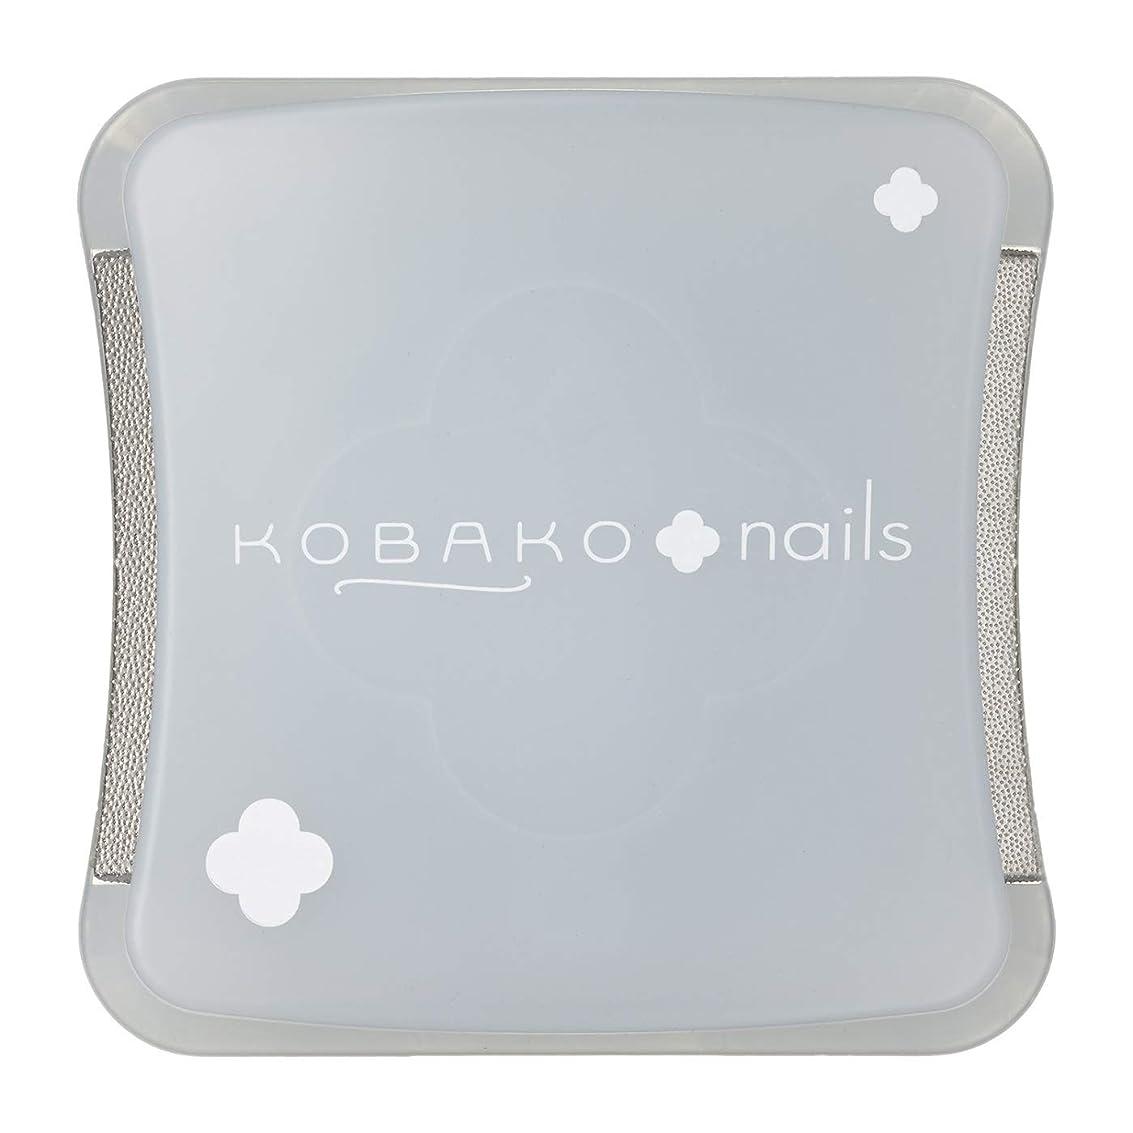 優雅な封筒生産性KOBAKO(コバコ) コンパクトネイルファイル